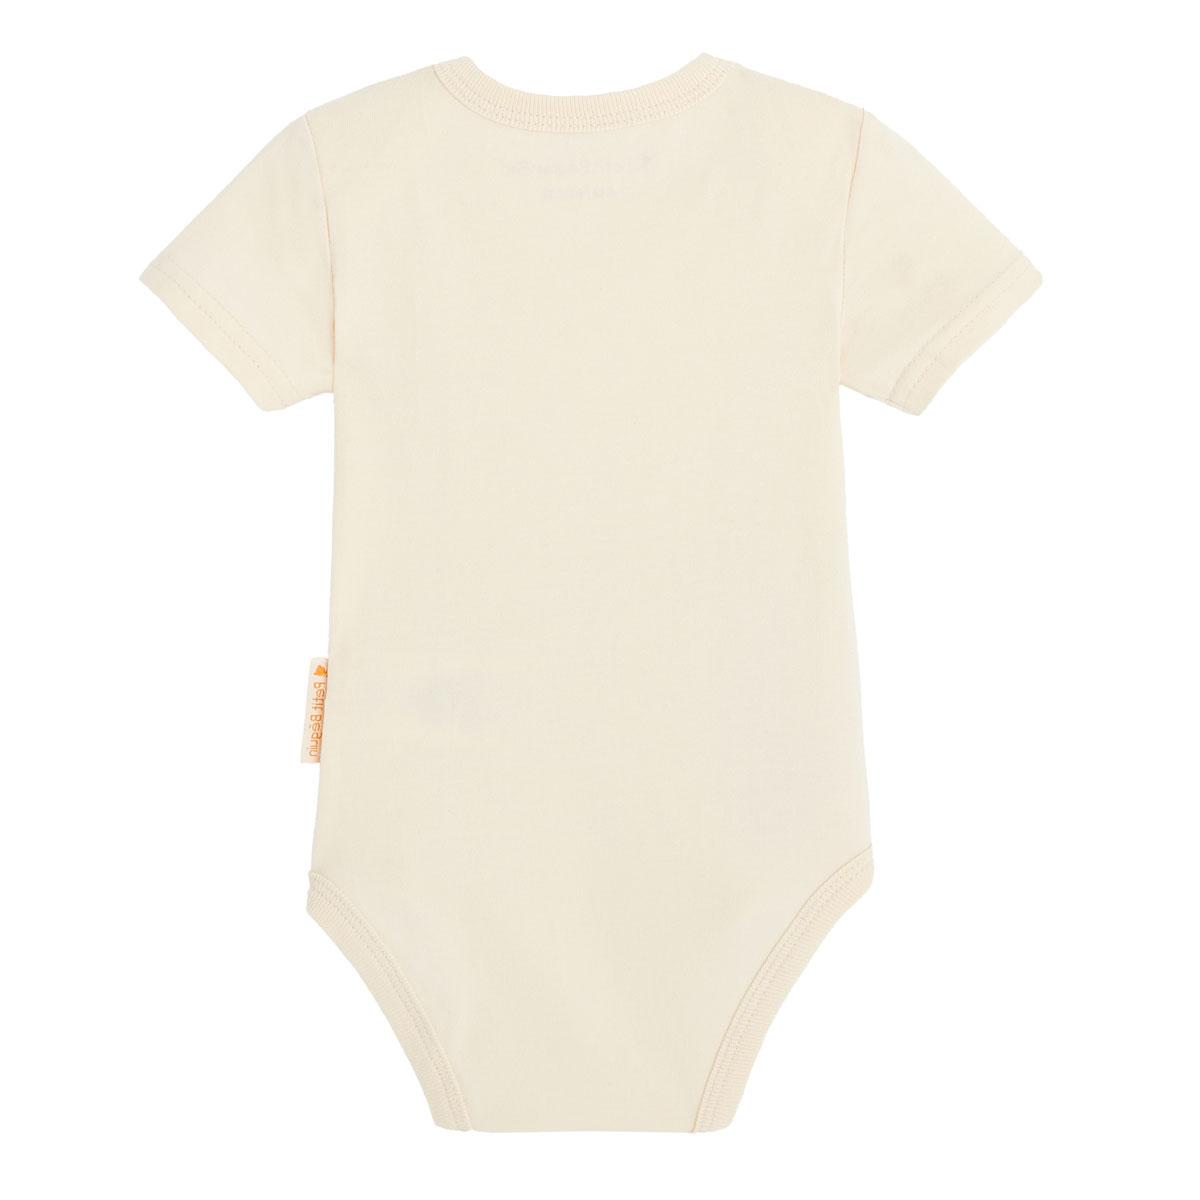 Lot de 2 bodies bébé garçon manches courtes contenant du coton bio Aloha Havana dos